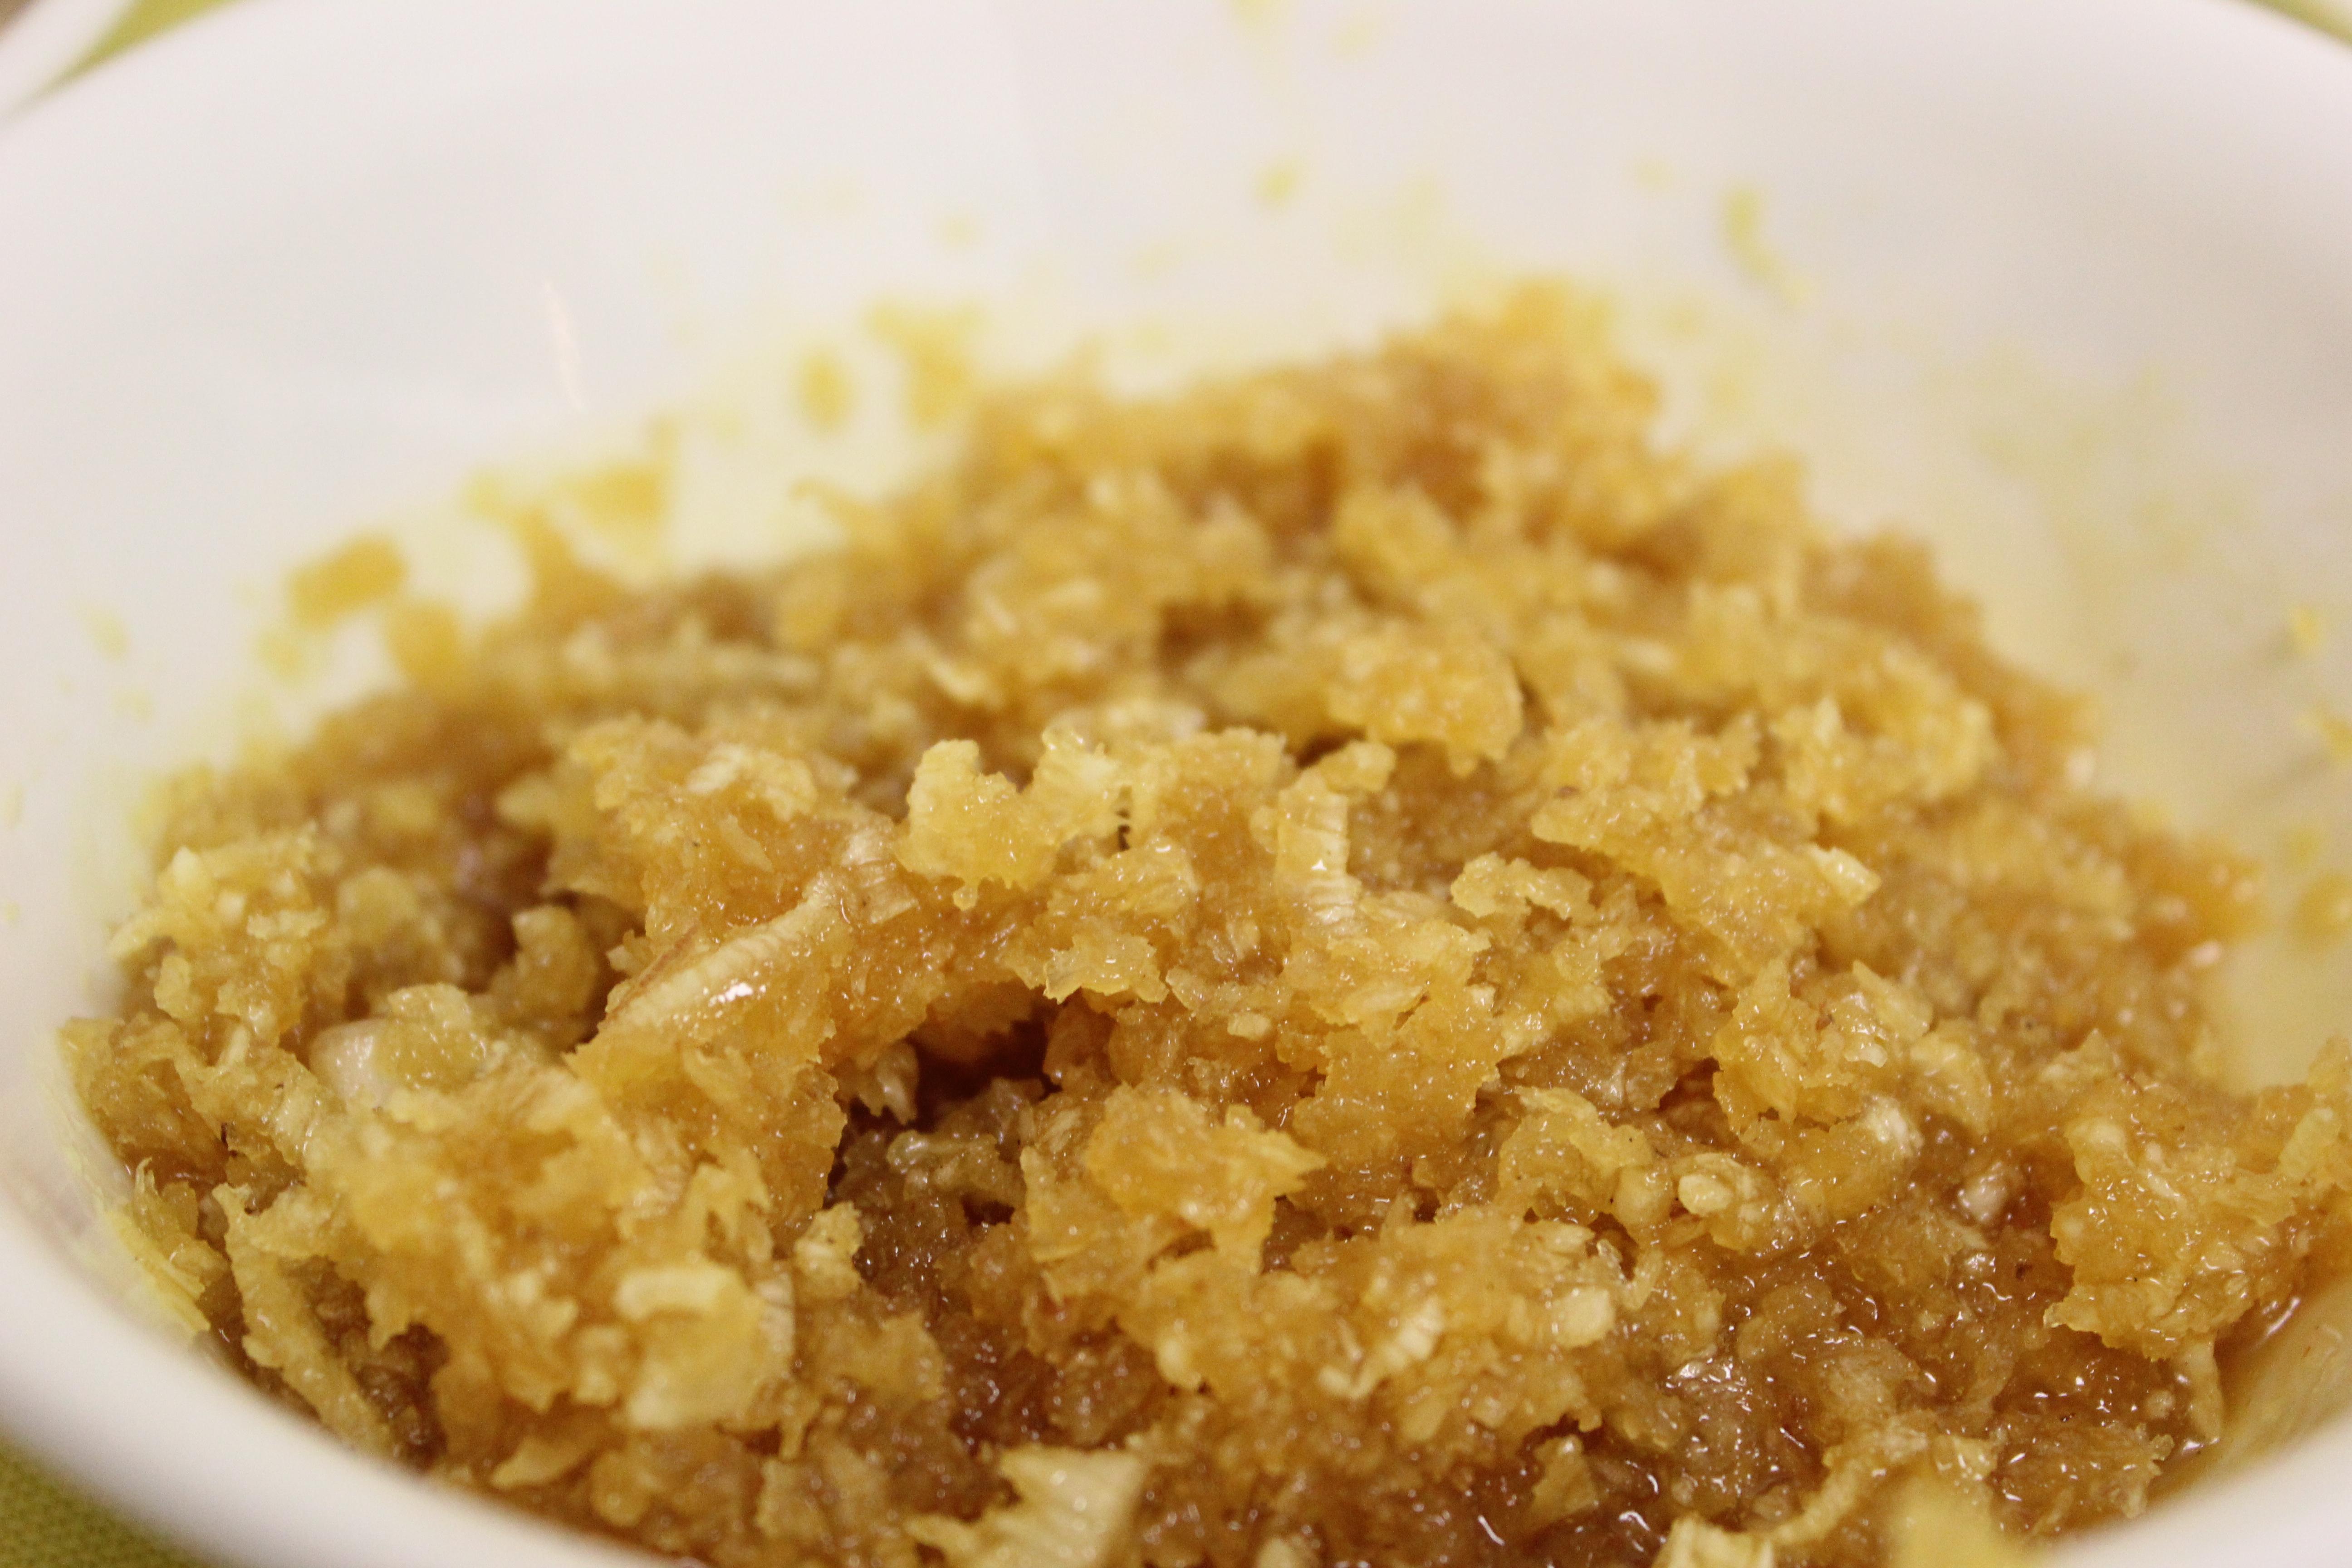 Related to easy sweet pooranam kozhukattai – ganesh chaturthi